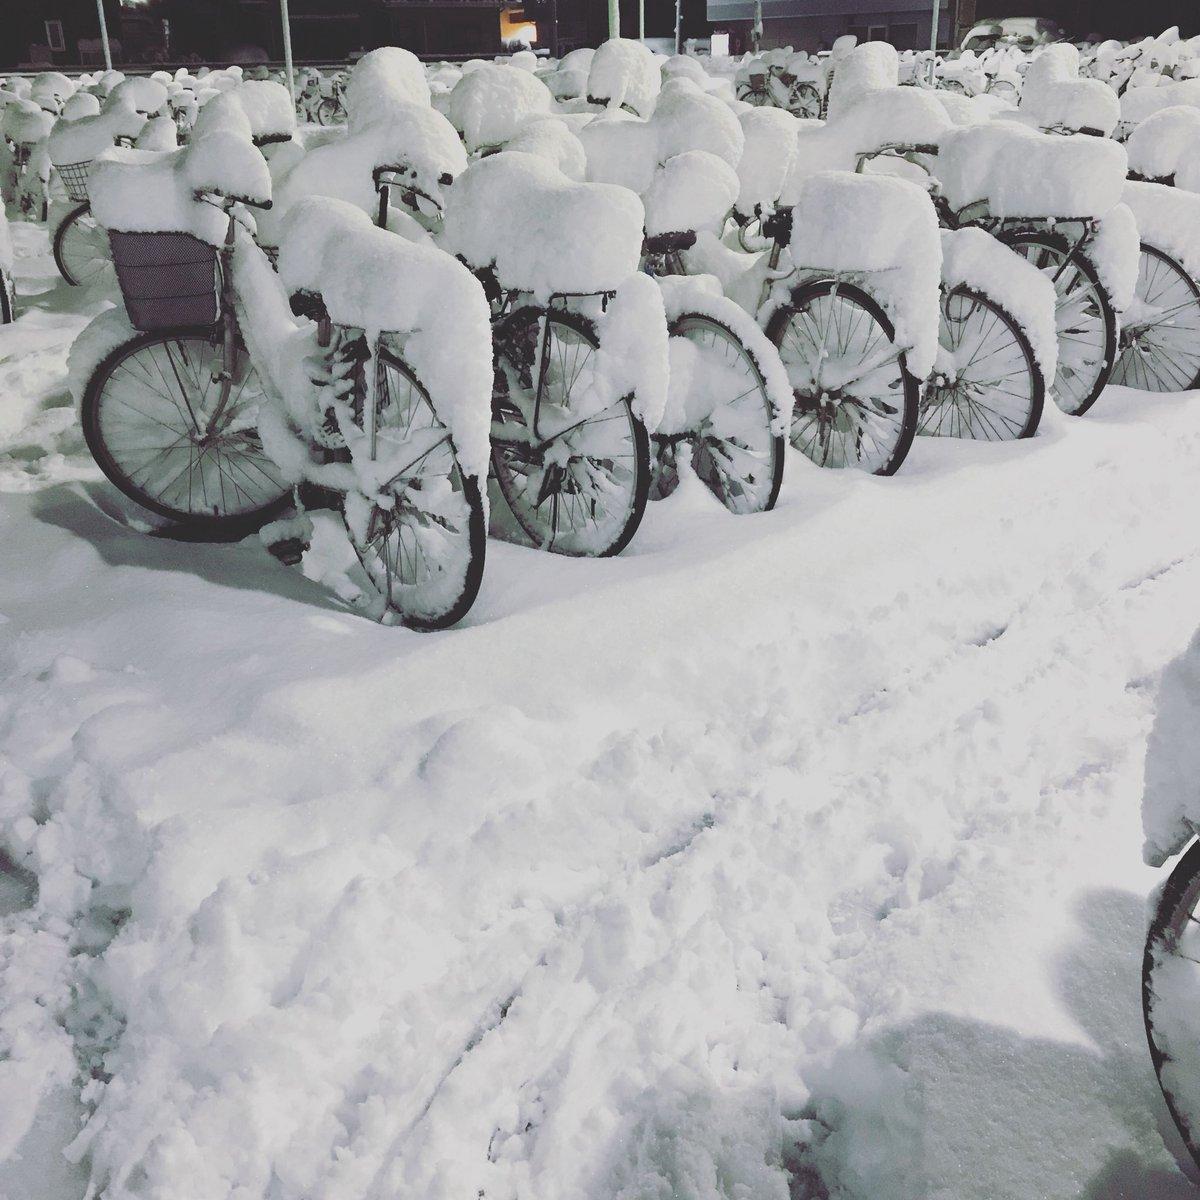 雪。 始発に乗って出勤 たまには悪くないけど、電車混んでるのが苦痛 #雪 #都心 #電車混み混み #今朝 https://t.co/5UnxIygdWW